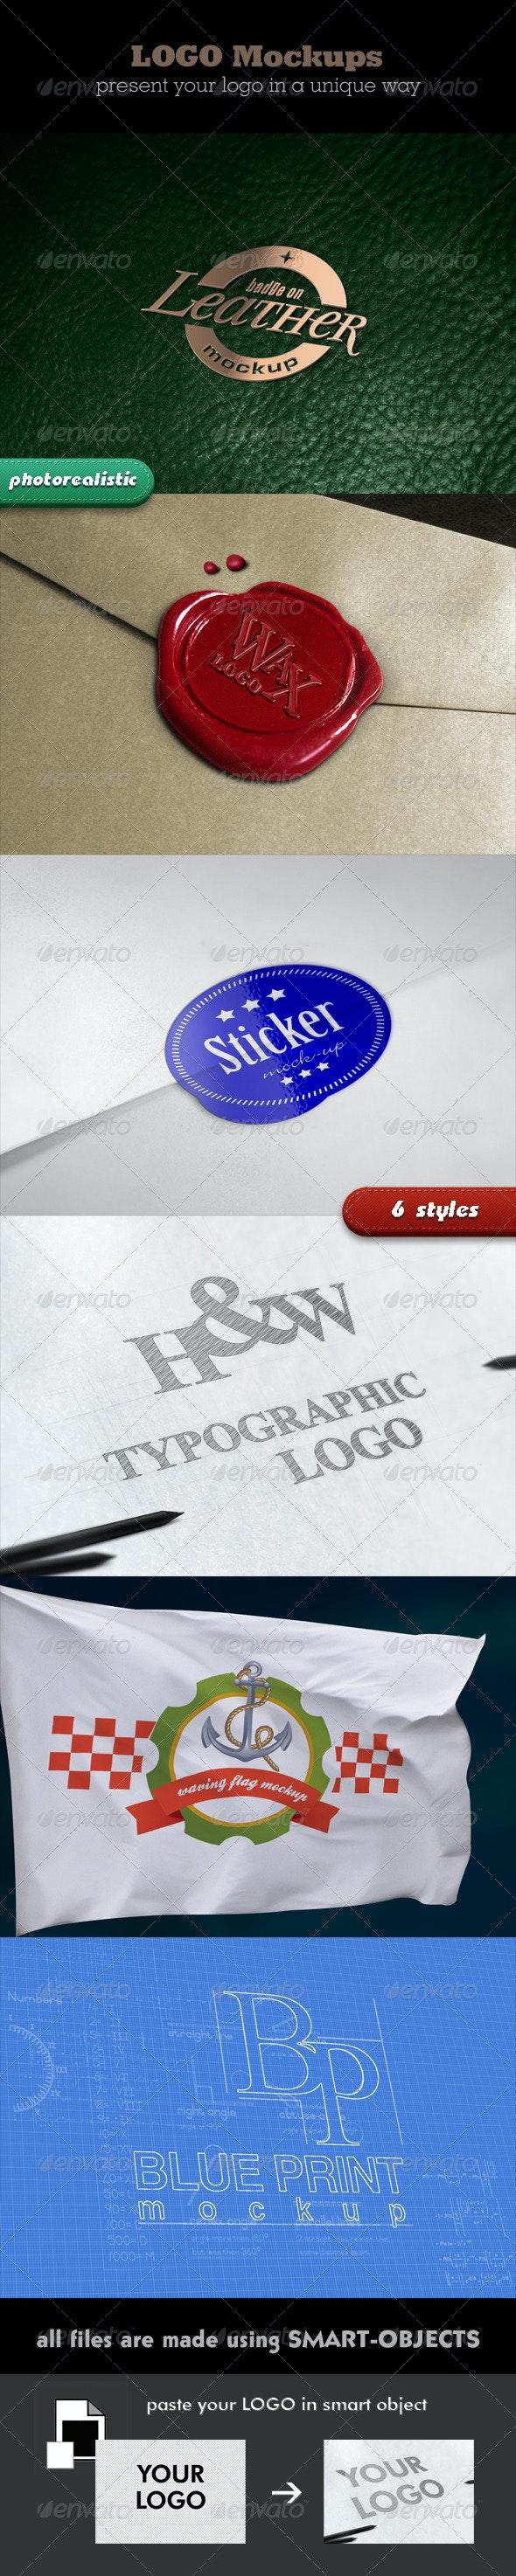 Photorealistic Logo Mockups - Logo Product Mock-Ups